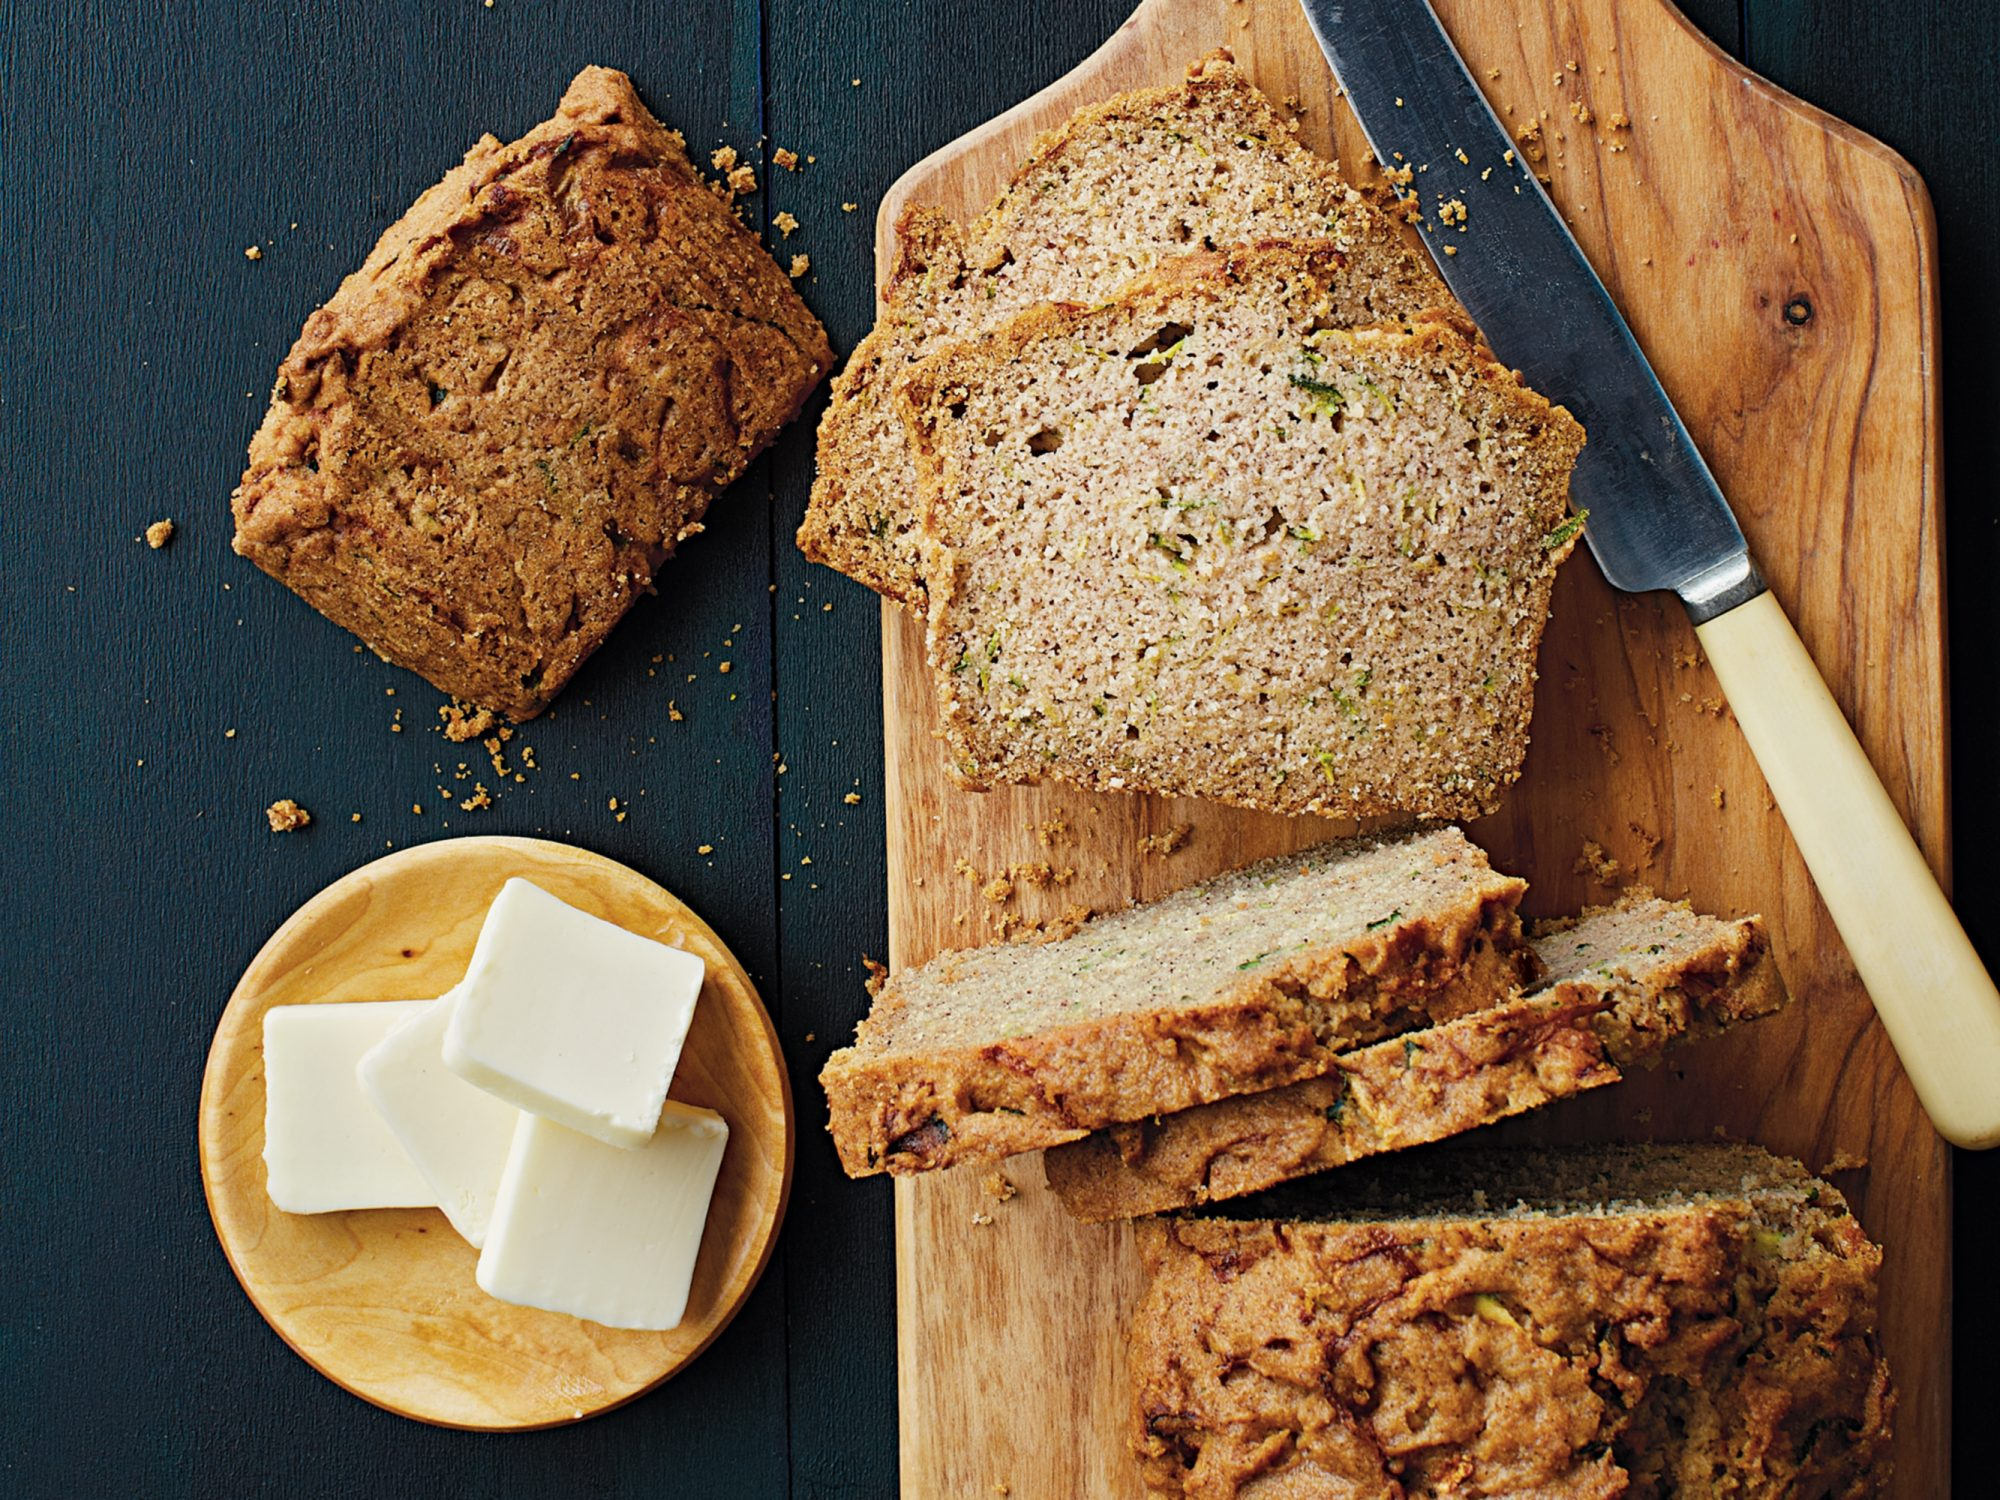 Zucchini-Spice Bread